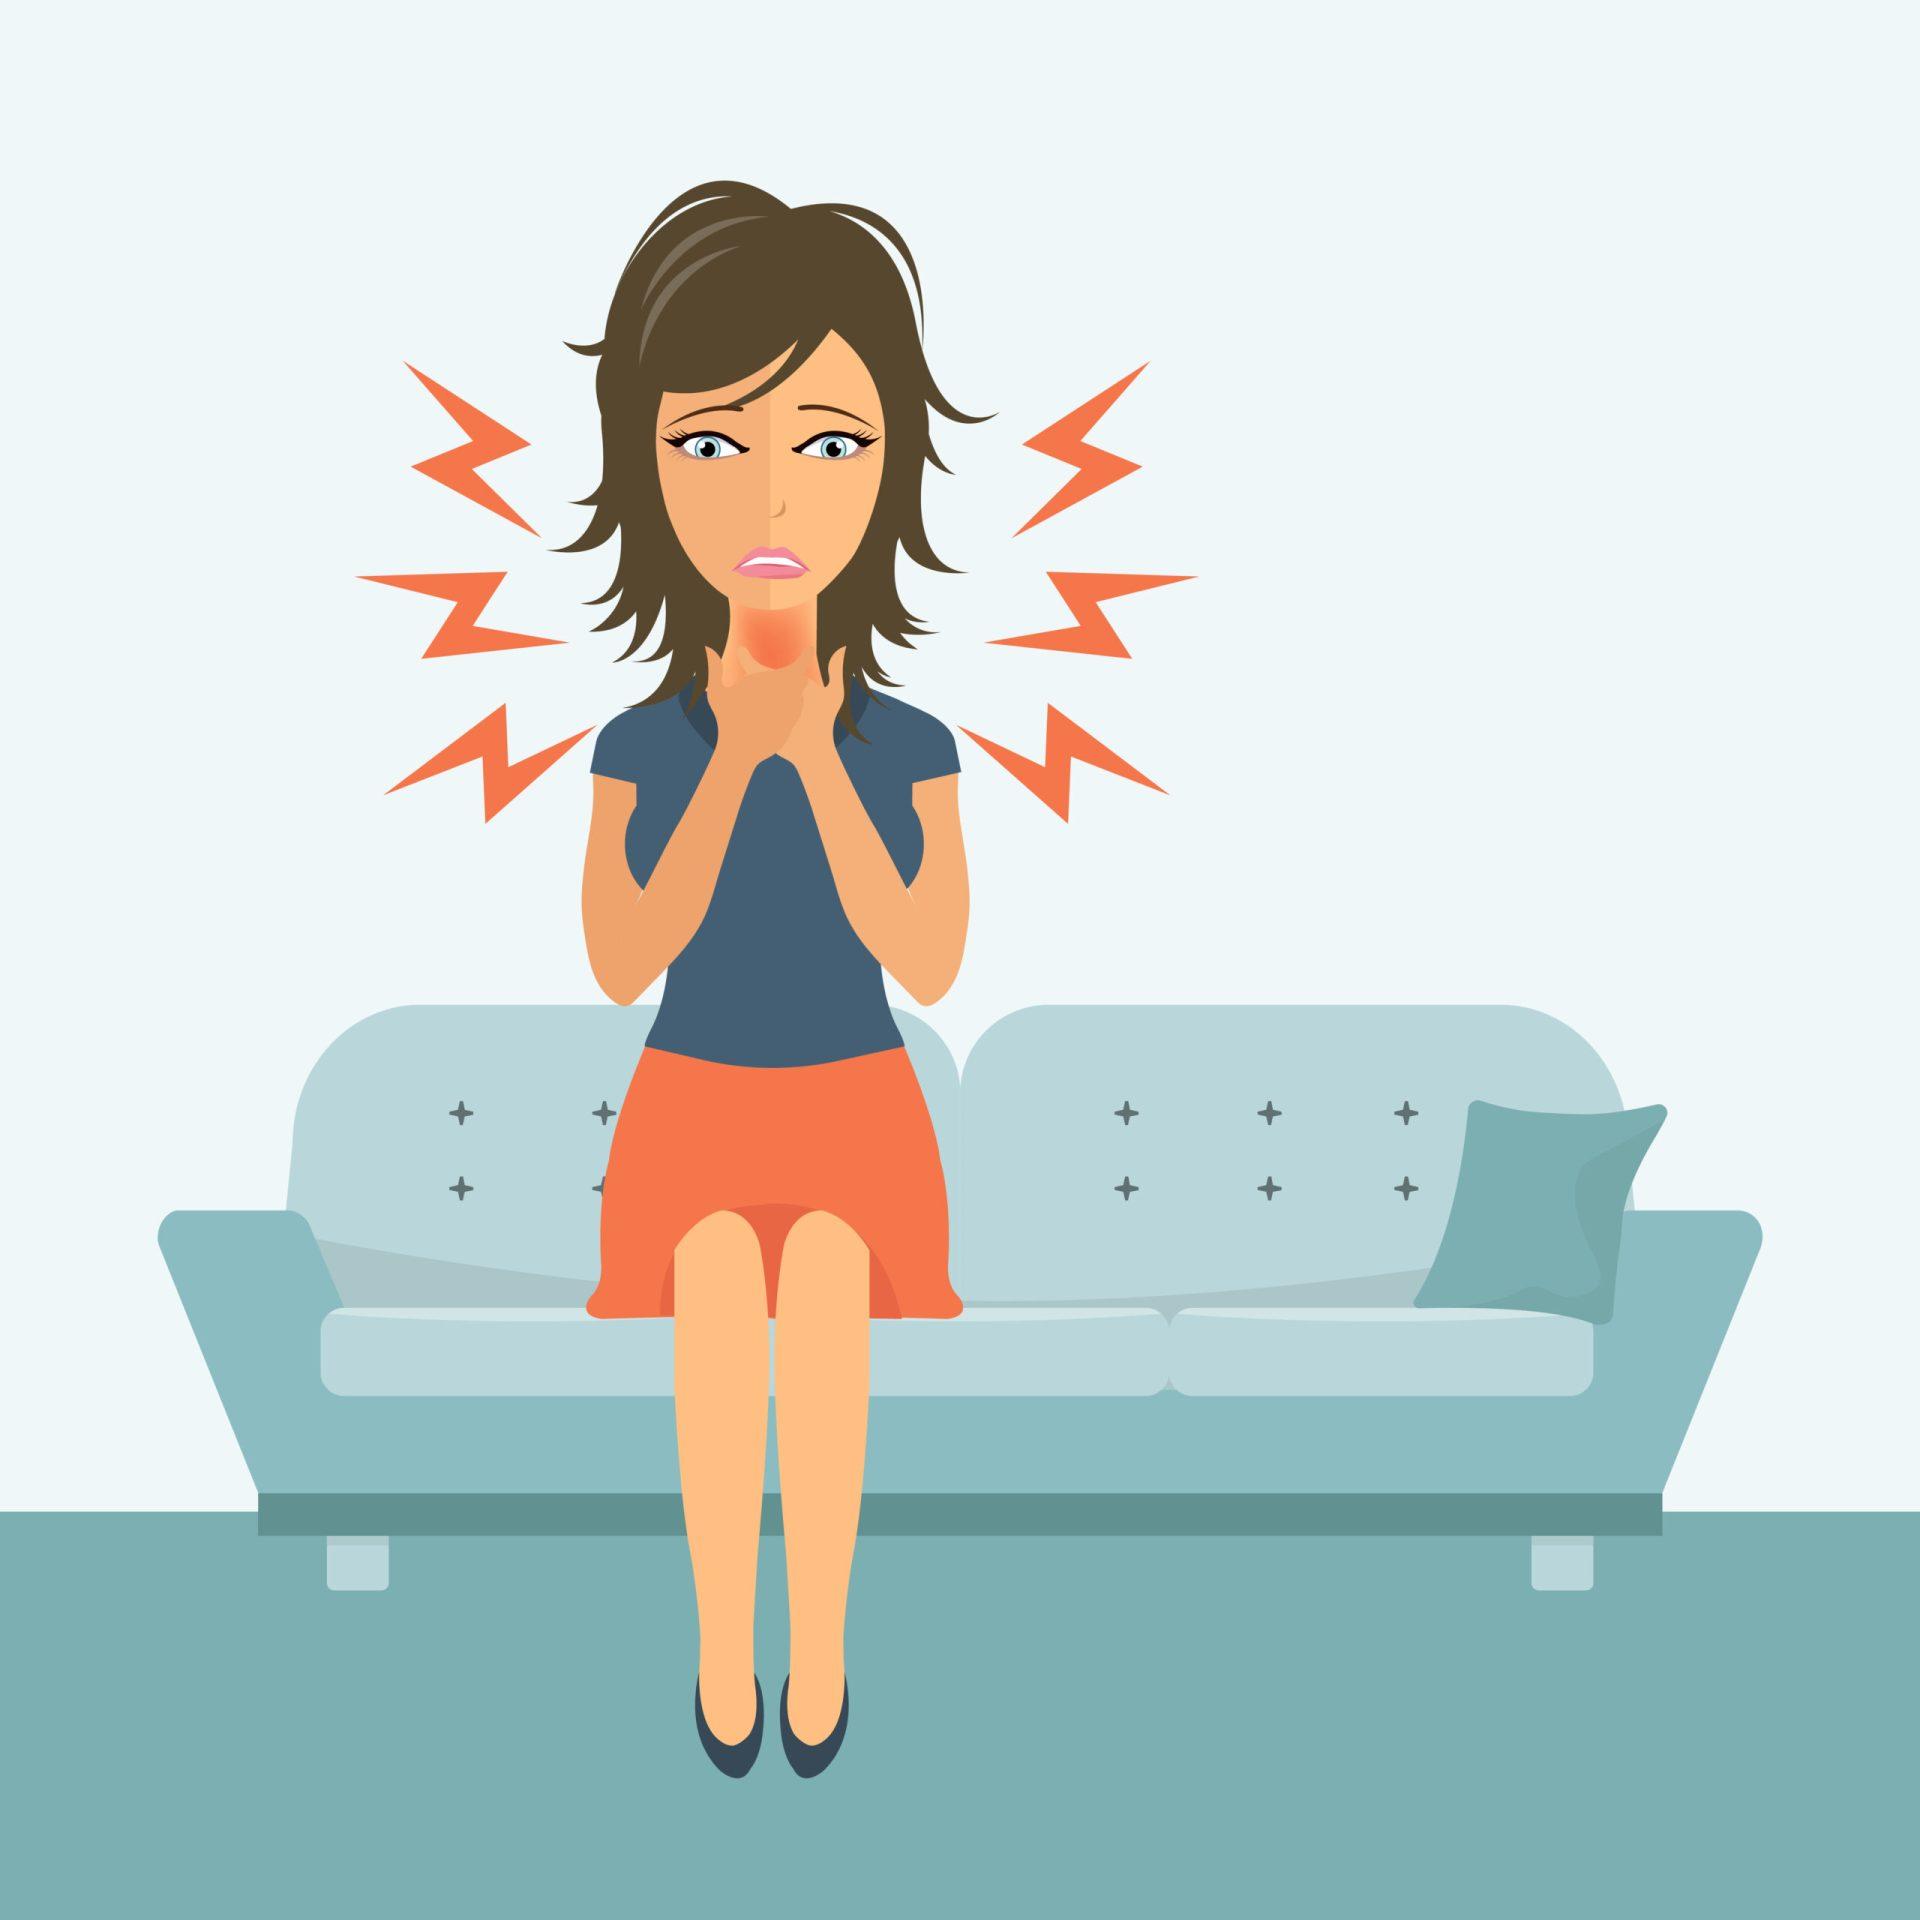 Boala de reflux gastroesofagian, arsurile la stomac, fumatul și obezitatea sunt printre factorii direct implicați în apariția cancerului esofagian.